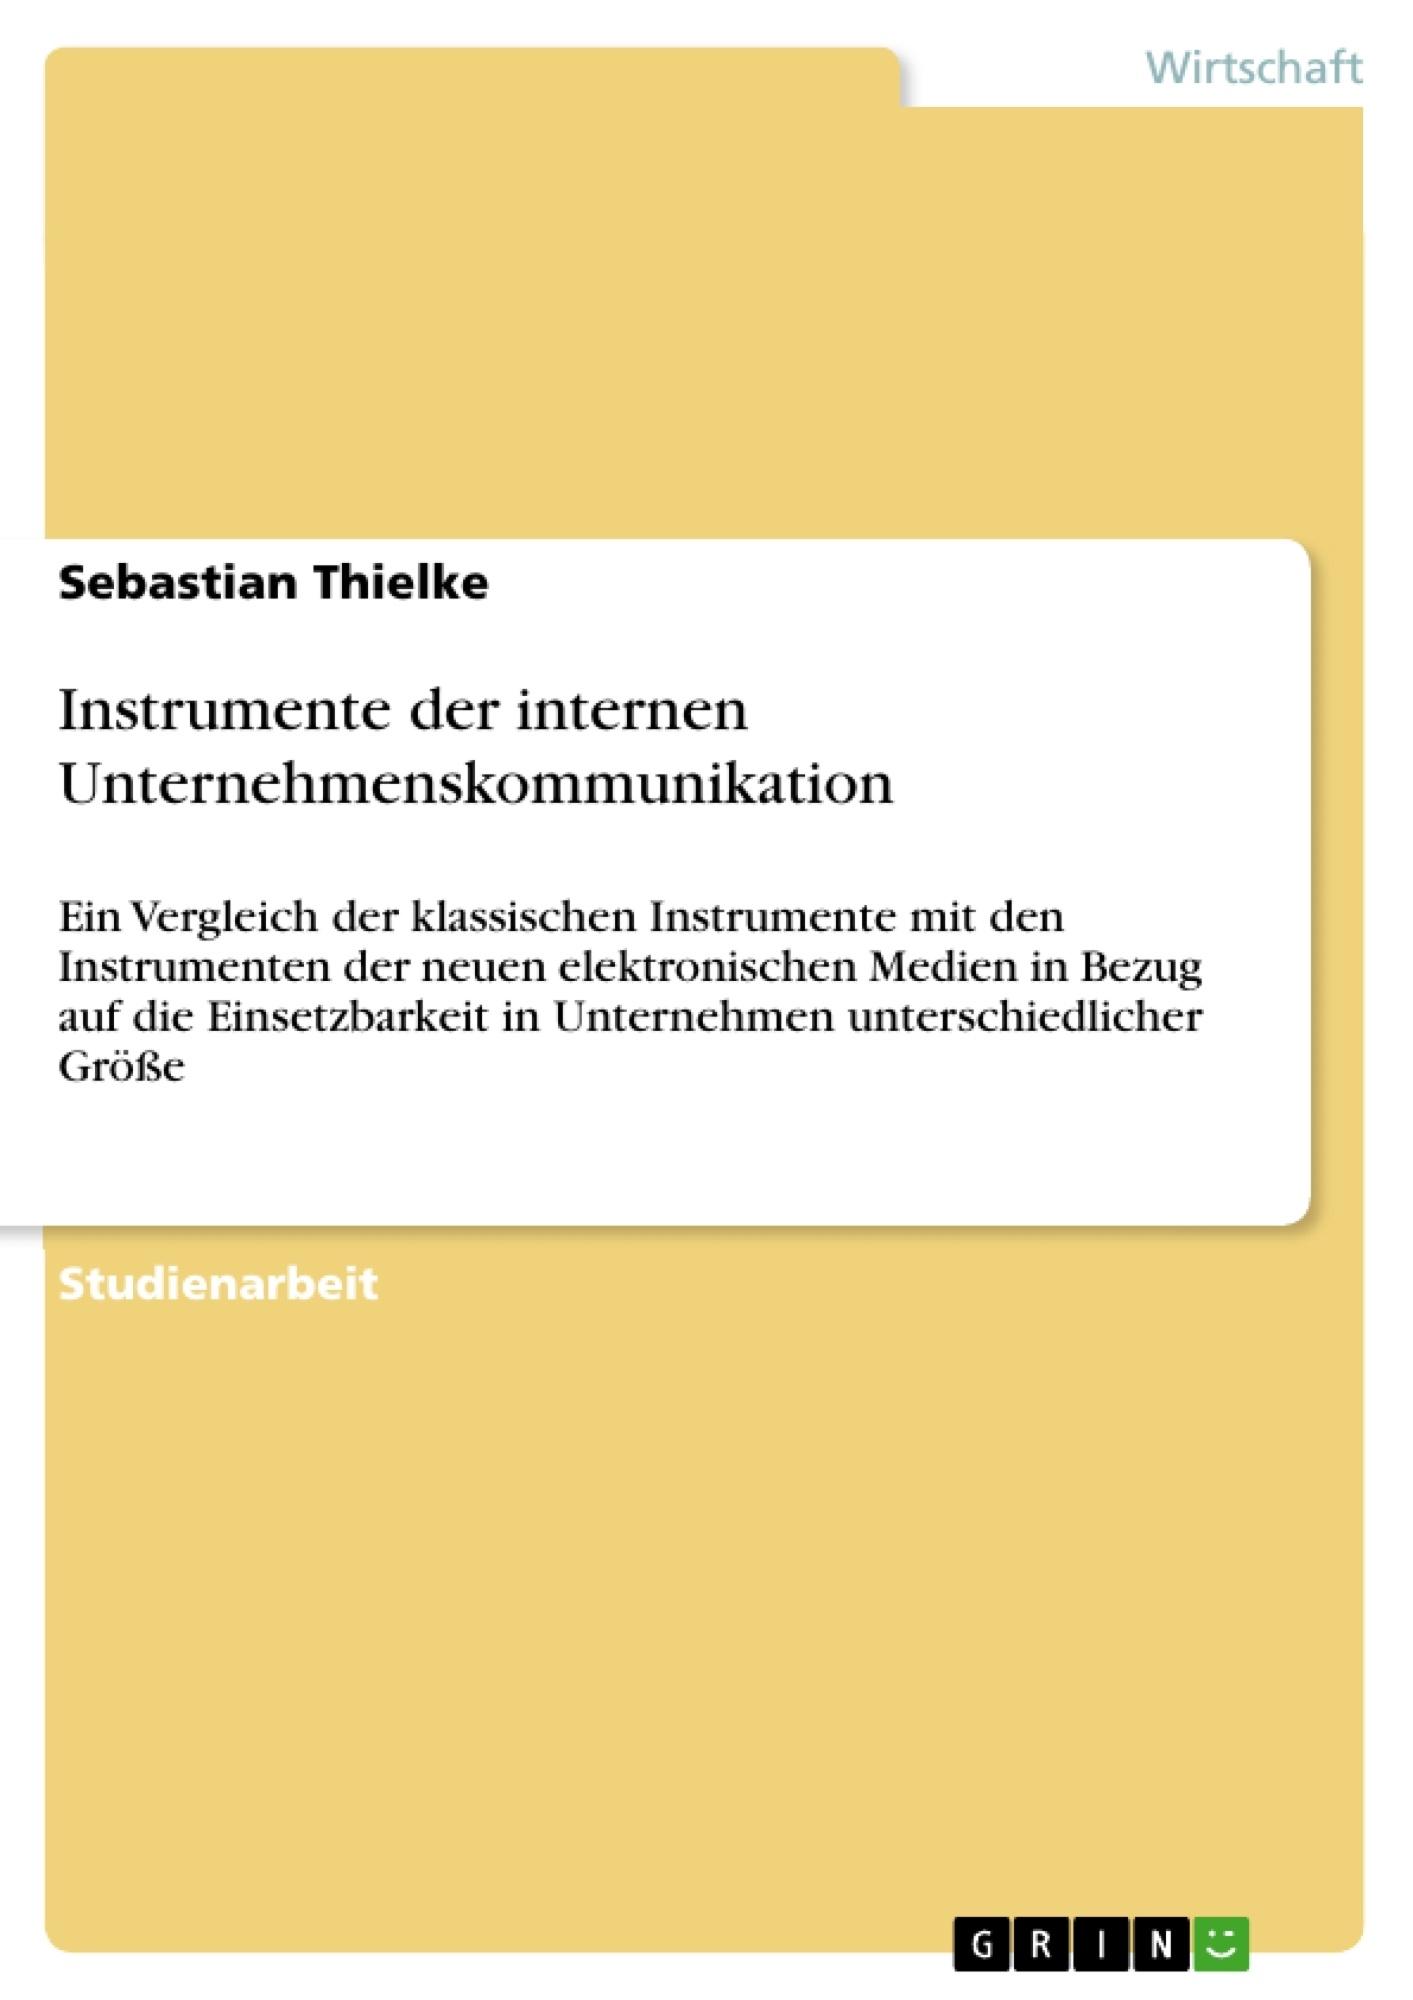 Titel: Instrumente der internen Unternehmenskommunikation